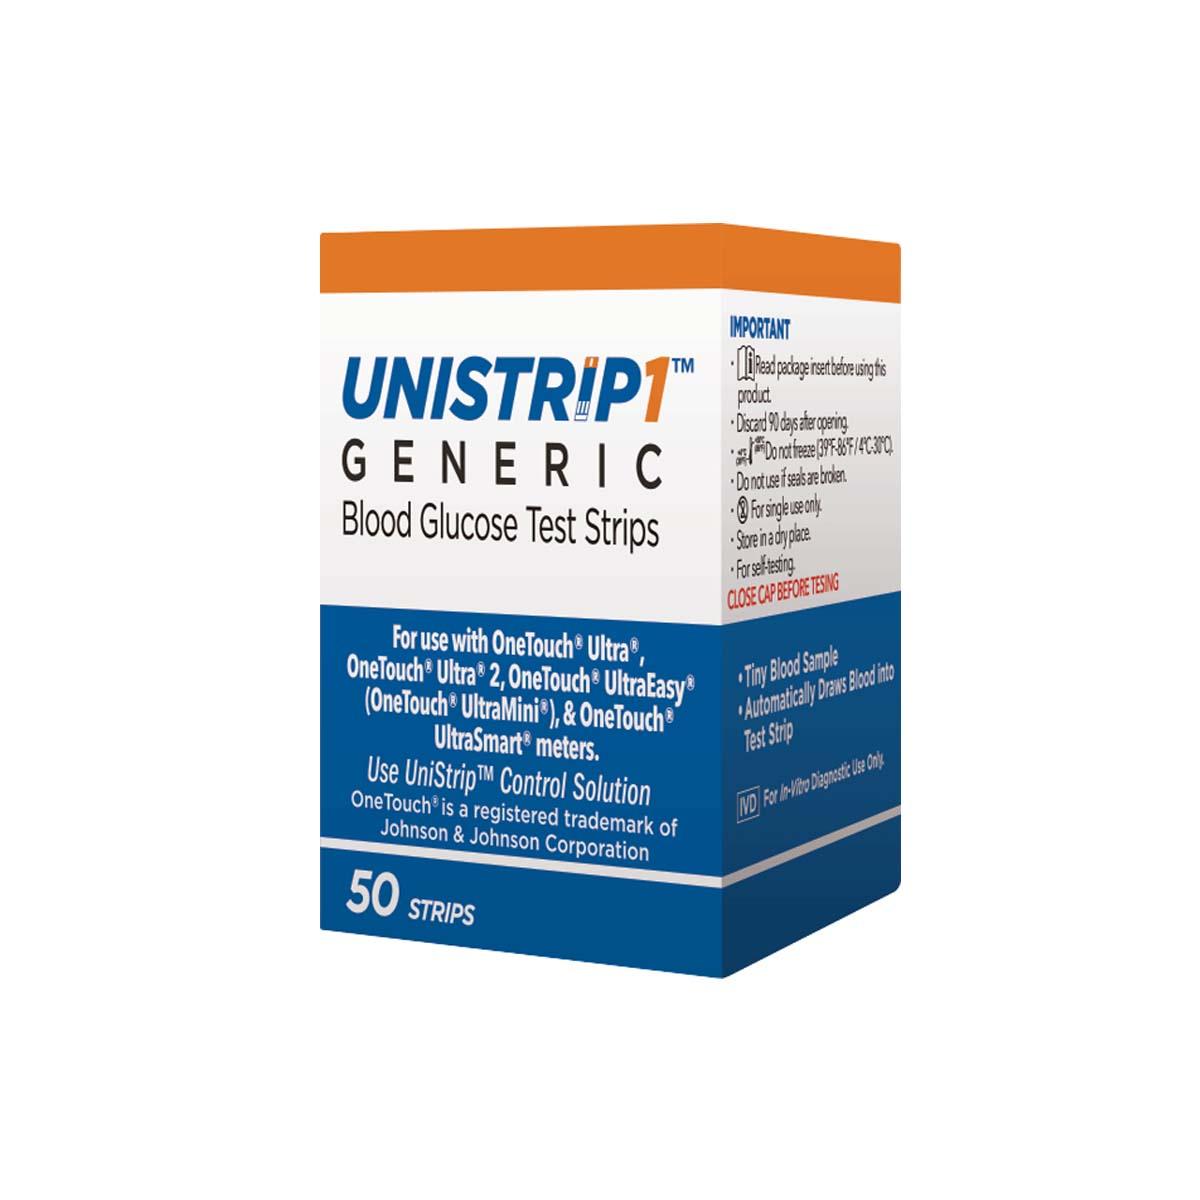 Тест-полоски Unistrip1 к системе контроля уровня глюкозы в крови, 50 шт1638Тест-полоски UNISTRIP1 являются дженериками оригинальных полосок ONE TOUCH. ONE TOUCH является зарегистрированной торговой маркой корпорации Johnson&Johnson. Тест-полоски UNISTRIP1 работают на 49 коде со следующими моделями глюкометров: ONE TOUCH ULTRA, ONE TOUCH ULTRA EASY (One Touch Mini, One Touch UltraSmart). Тест-полоски UNISTRIP1 предназначены для самоконтроля больных сахарным диабетом в домашних условиях и для медицинских работников в клинической практике для контроля концентрации глюкозы в цельной капиллярной крови. Для анализа in-vitro. Не использовать для диагностики сахарного диабета или проверки уровня глюкозы у новорожденных. Тест-полоски UNISTRIP1 имеют код калибровки 49, который напечатан на упаковке и должен соответствовать коду калибровки глюкометра. Не забудьте перевести ваш глюкометр One Touch на 49 КОД. - Тест-полоски UNISTRIP 1 зарегистрированы в России, США и странах Европы. - Цена упаковки UNISTRIP1 (50шт) значительно ниже (в два раза) цены оригинальных...